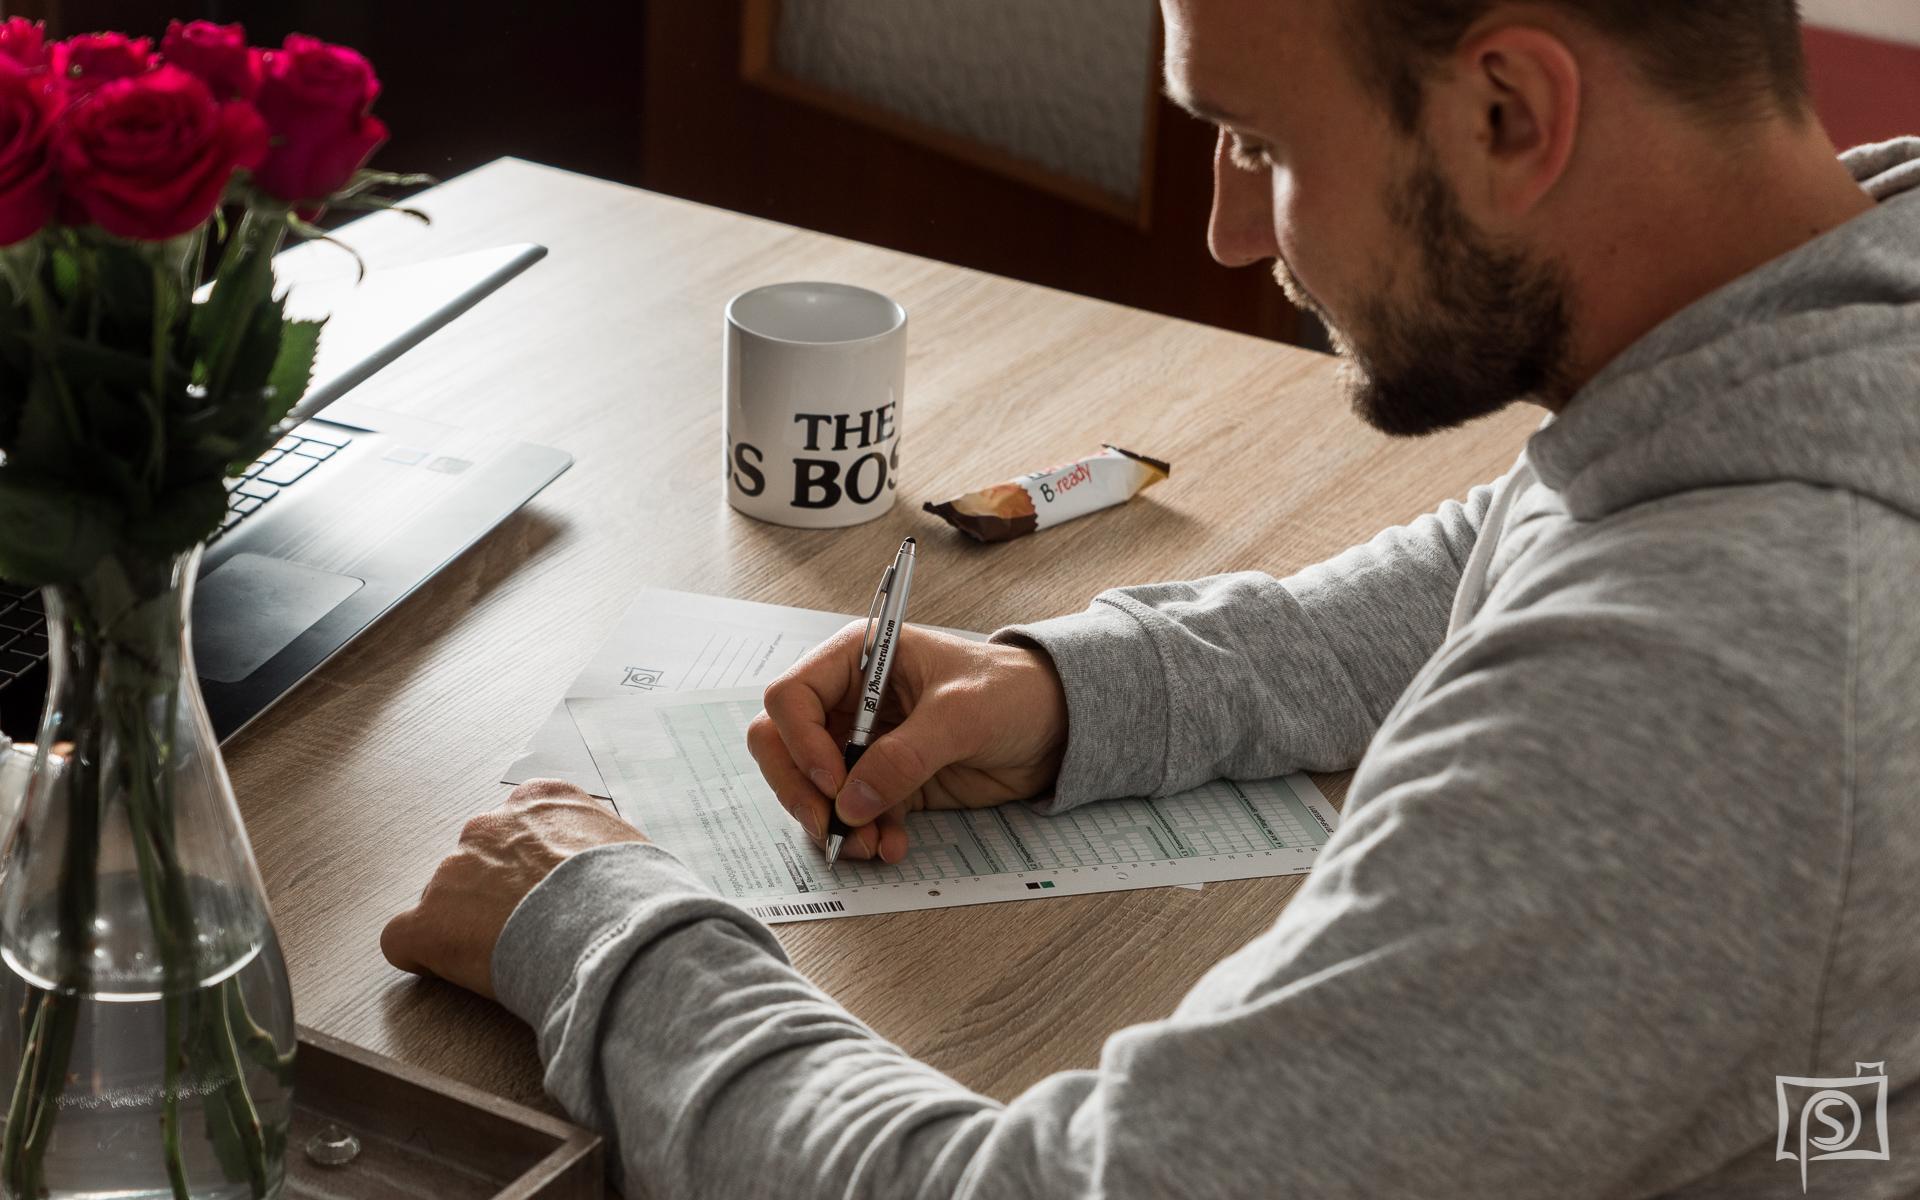 fotograf oder fotoblogger als nebengewerbe anmelden erfahrung. Black Bedroom Furniture Sets. Home Design Ideas